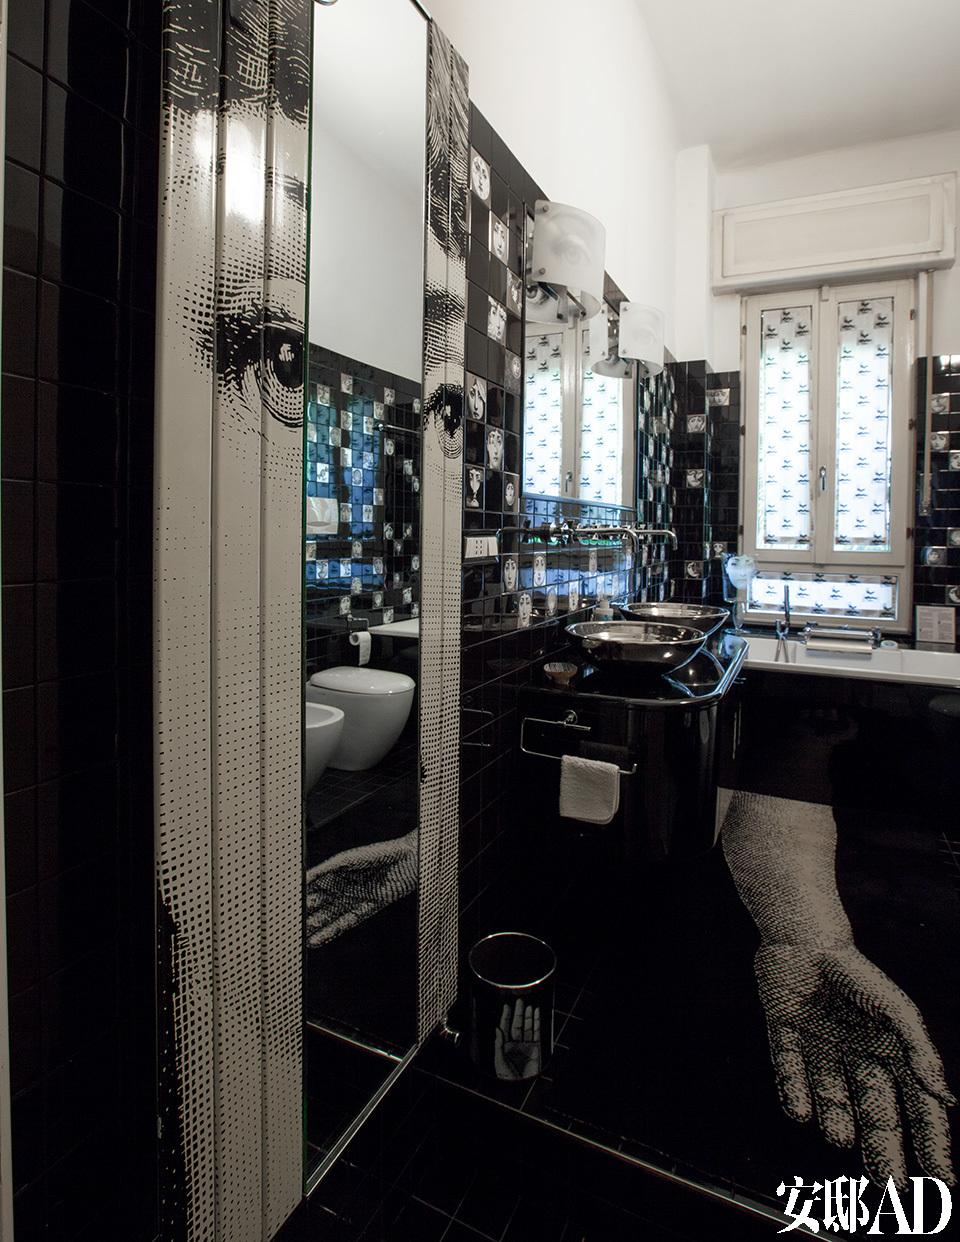 """二层浴室的墙壁上覆盖着Fornasetti的瓷砖,是由Ceramica Bardelli设计的""""Temae Variazioni""""系列。在某些特定系列中,Barnaba与授权合作者一起工作。""""在我父亲去世后,我决定给其他公司做授权。""""Barnaba说。"""